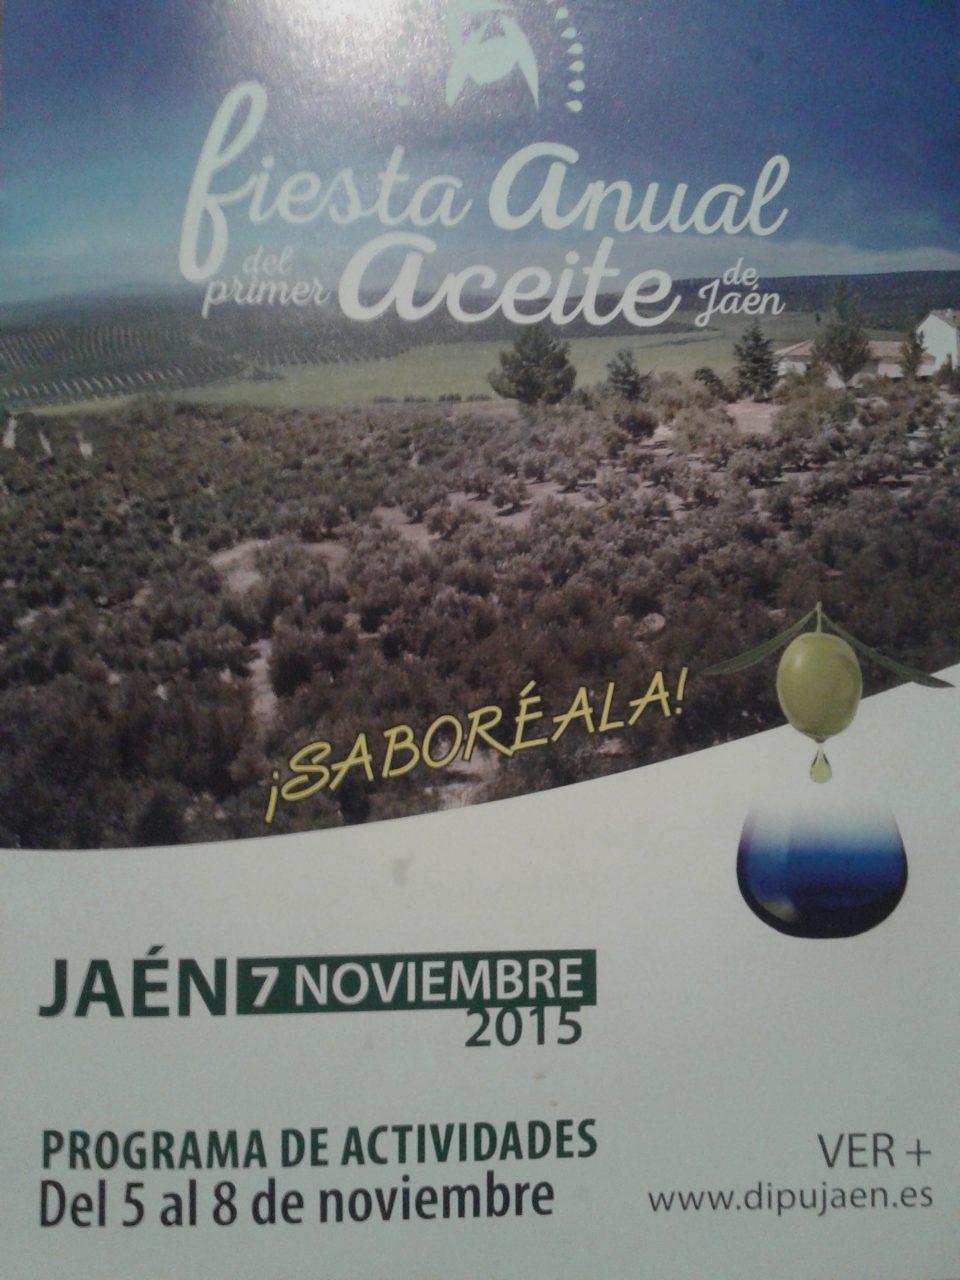 Hoteles de Jaén capital harán descuentos durante la II Fiesta del Primer Aceite